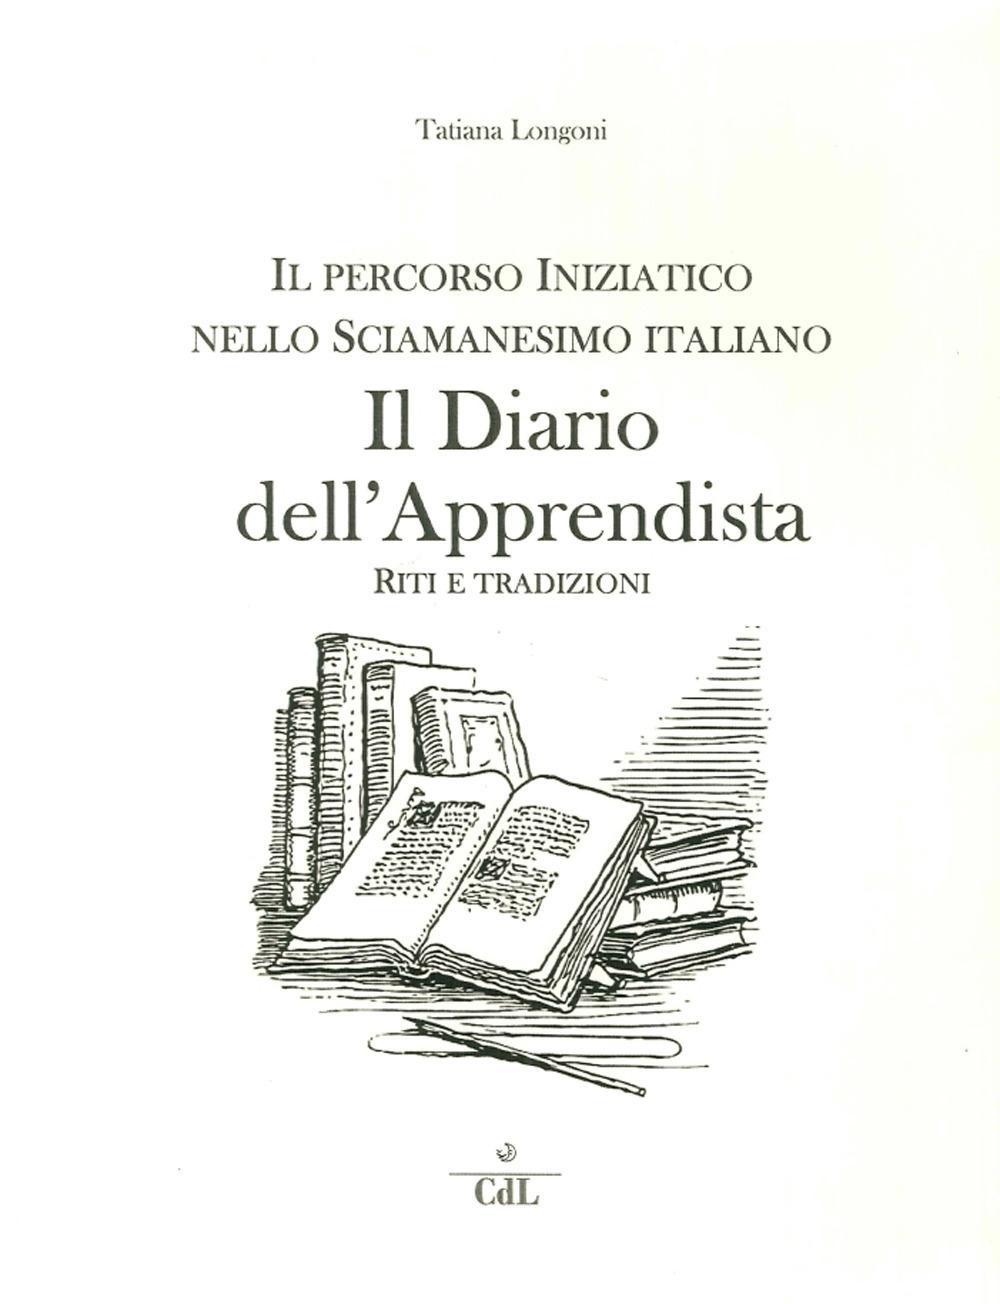 Il Diario dell'Apprendista. Il Percorso Iniziatico nello Sciamanesimo Italiano.